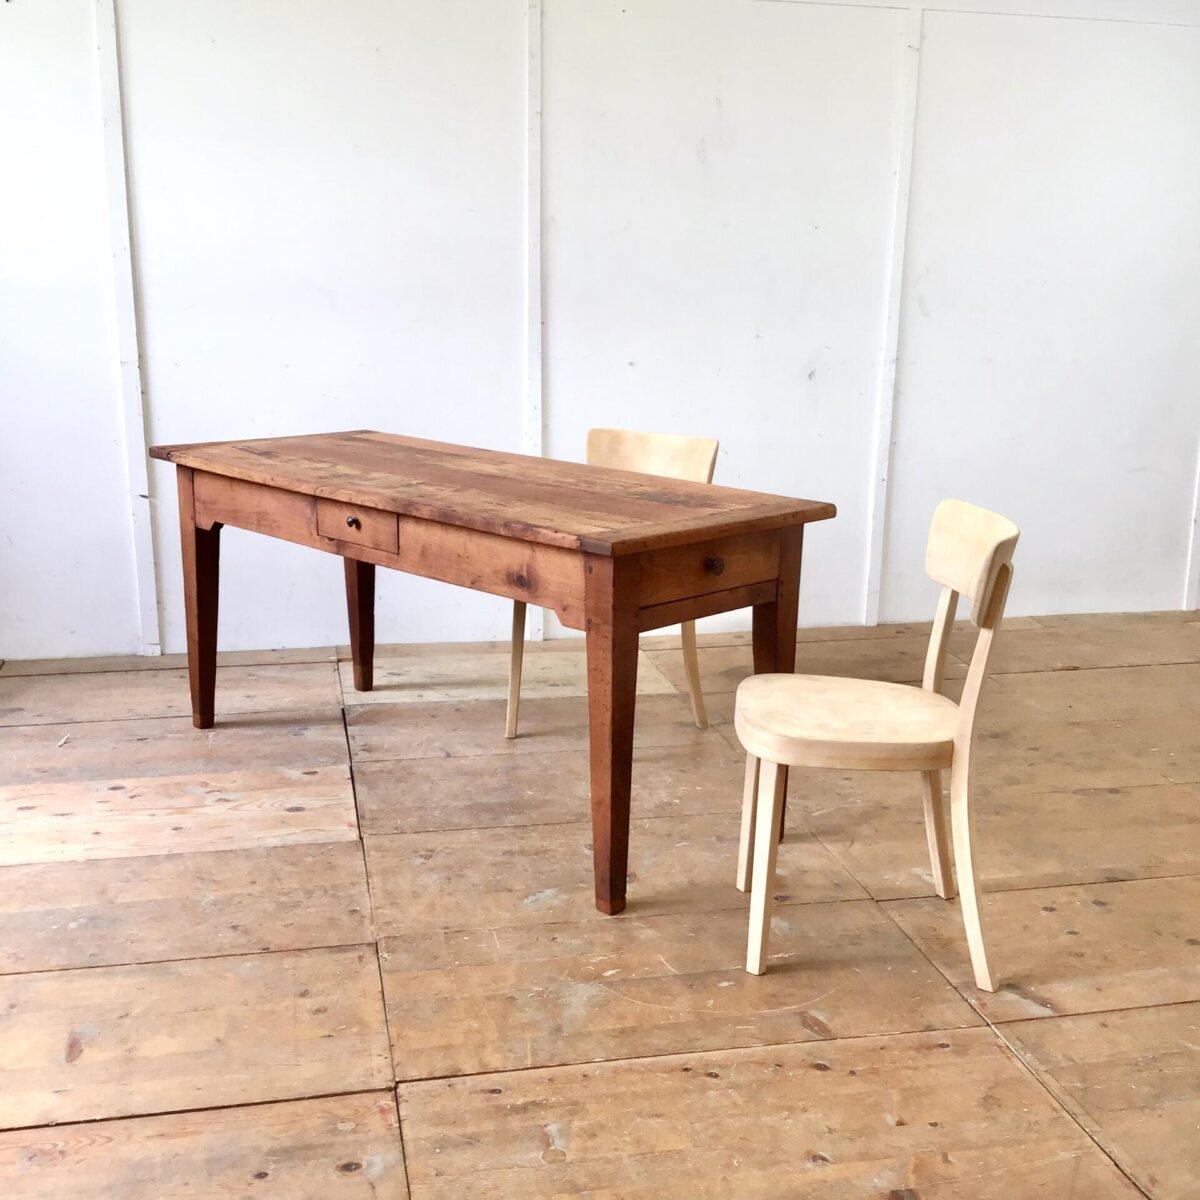 Alter französischer Kirschbaumtisch mit zwei Besteck Schubladen. 171x68cm Höhe 76cm. Verlebtes altes Kirschbaum Vollholz mit Wurmlöchern, Schrammen, Beulen und Verfärbungen. Alters bedingte, leicht unebene Tischoberfläche. Der Tisch ist komplett geschliffen und geölt. Die gröbsten Ausgefressenen Stellen haben wir mit Kirschbaum Stirnholz gefüllt. Solch altes Kirschbaumholz hat eine sehr intensive rötliche Farbe. Tischbeine wurden mal etwas angesetzt, und die Zargen etwas gestutzt um die nötige Beinfreiheit zu gewährleisten.